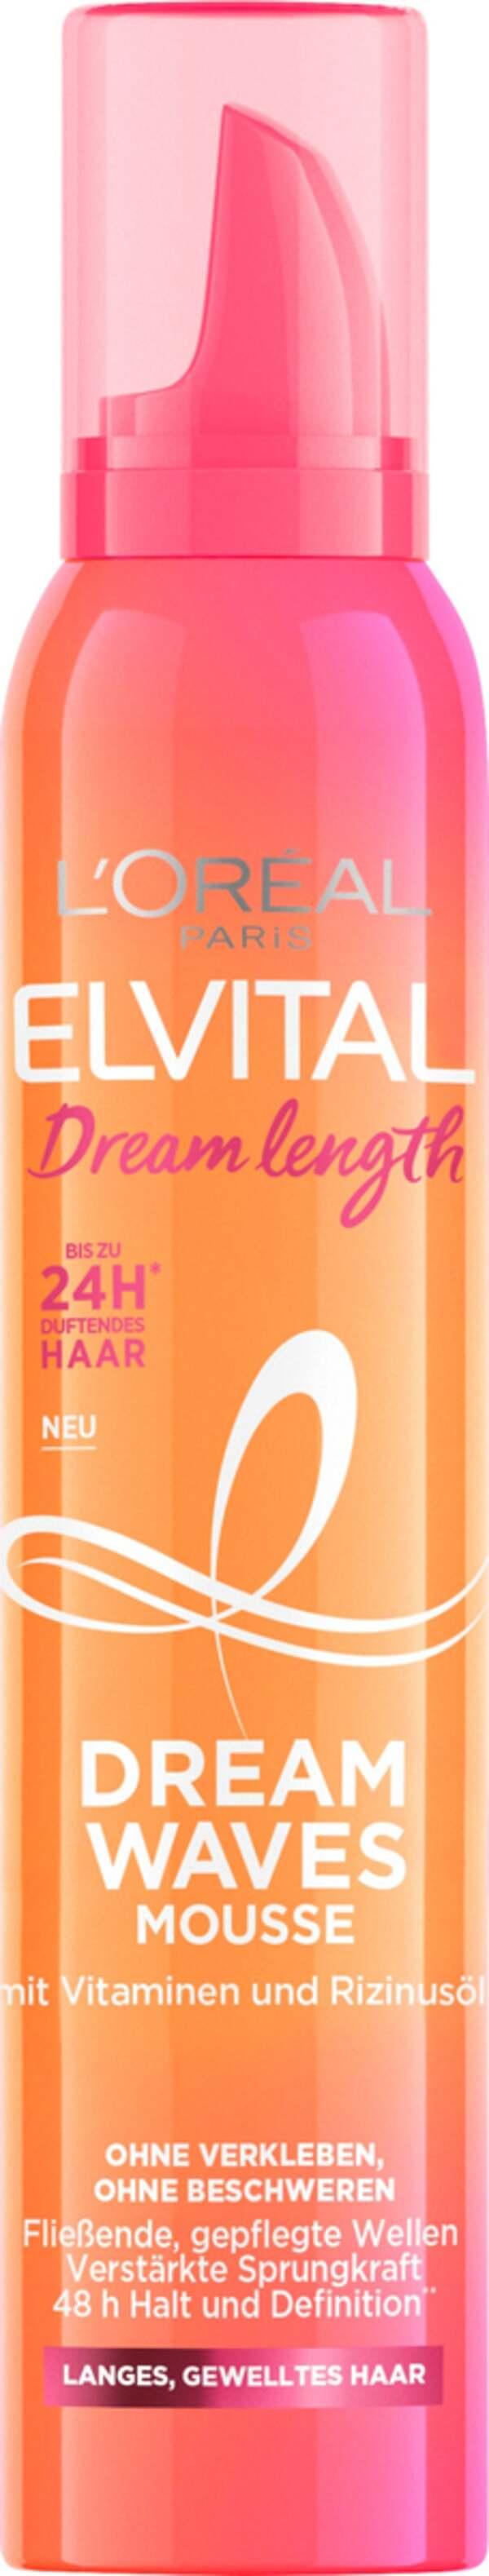 L'Oréal Paris Elvital Dream Length Dream Waves Mousse